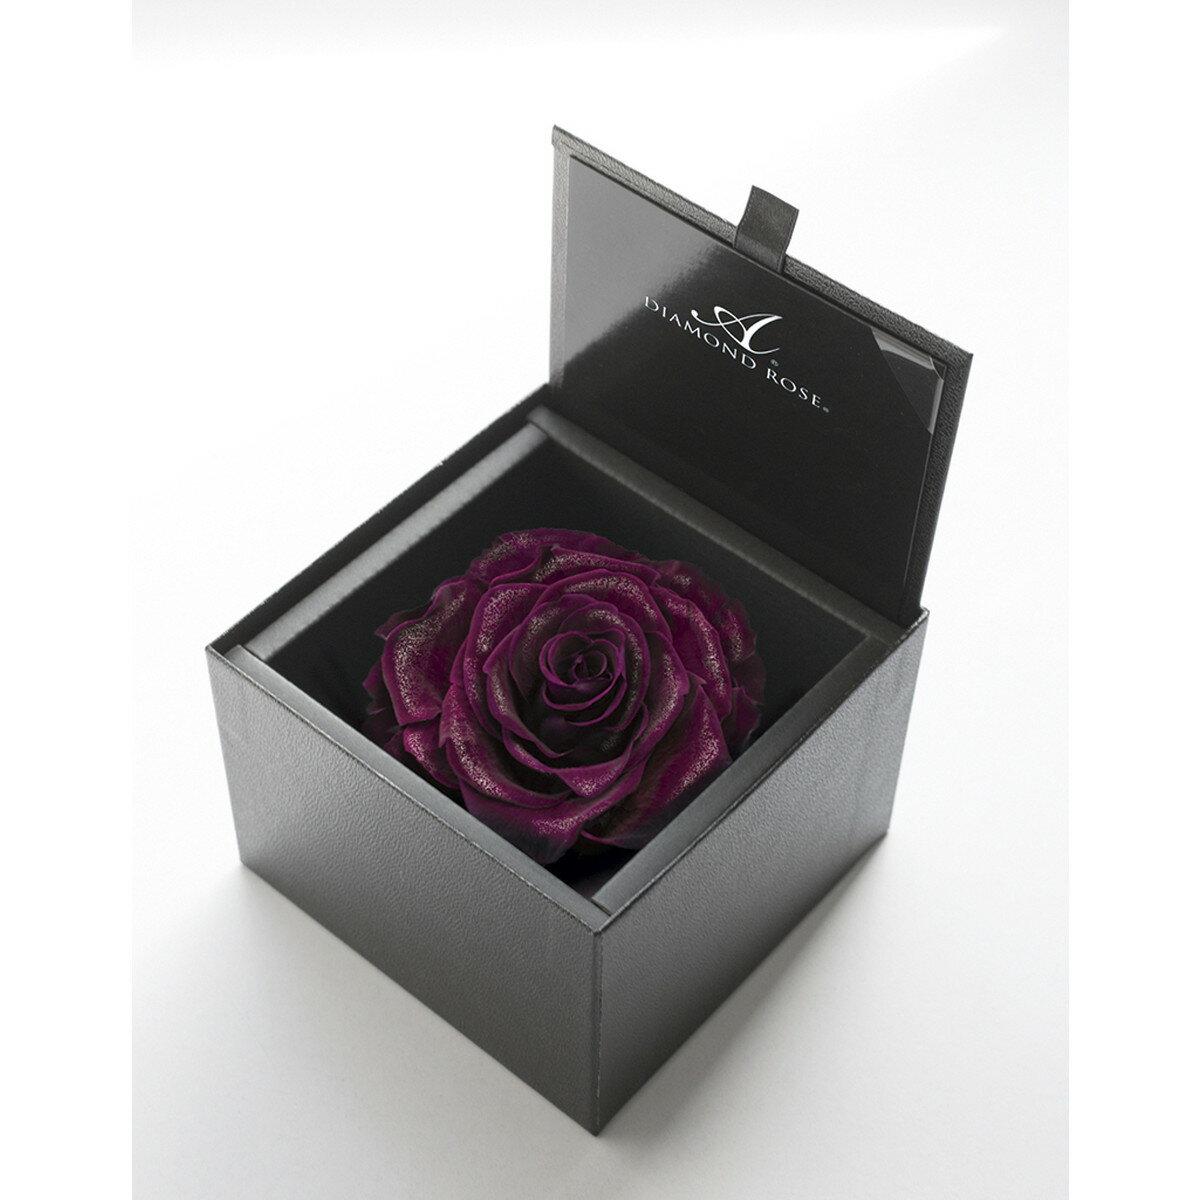 【プリザーブド】アモローサ/ダイヤモンドローズボックス 105(箱:エンボスブラック) リッチプラム/1217-52【01】【01】【取寄】[6箱]《 プリザーブドフラワー プリザーブドフラワー花材 バラ(ローズ) 》